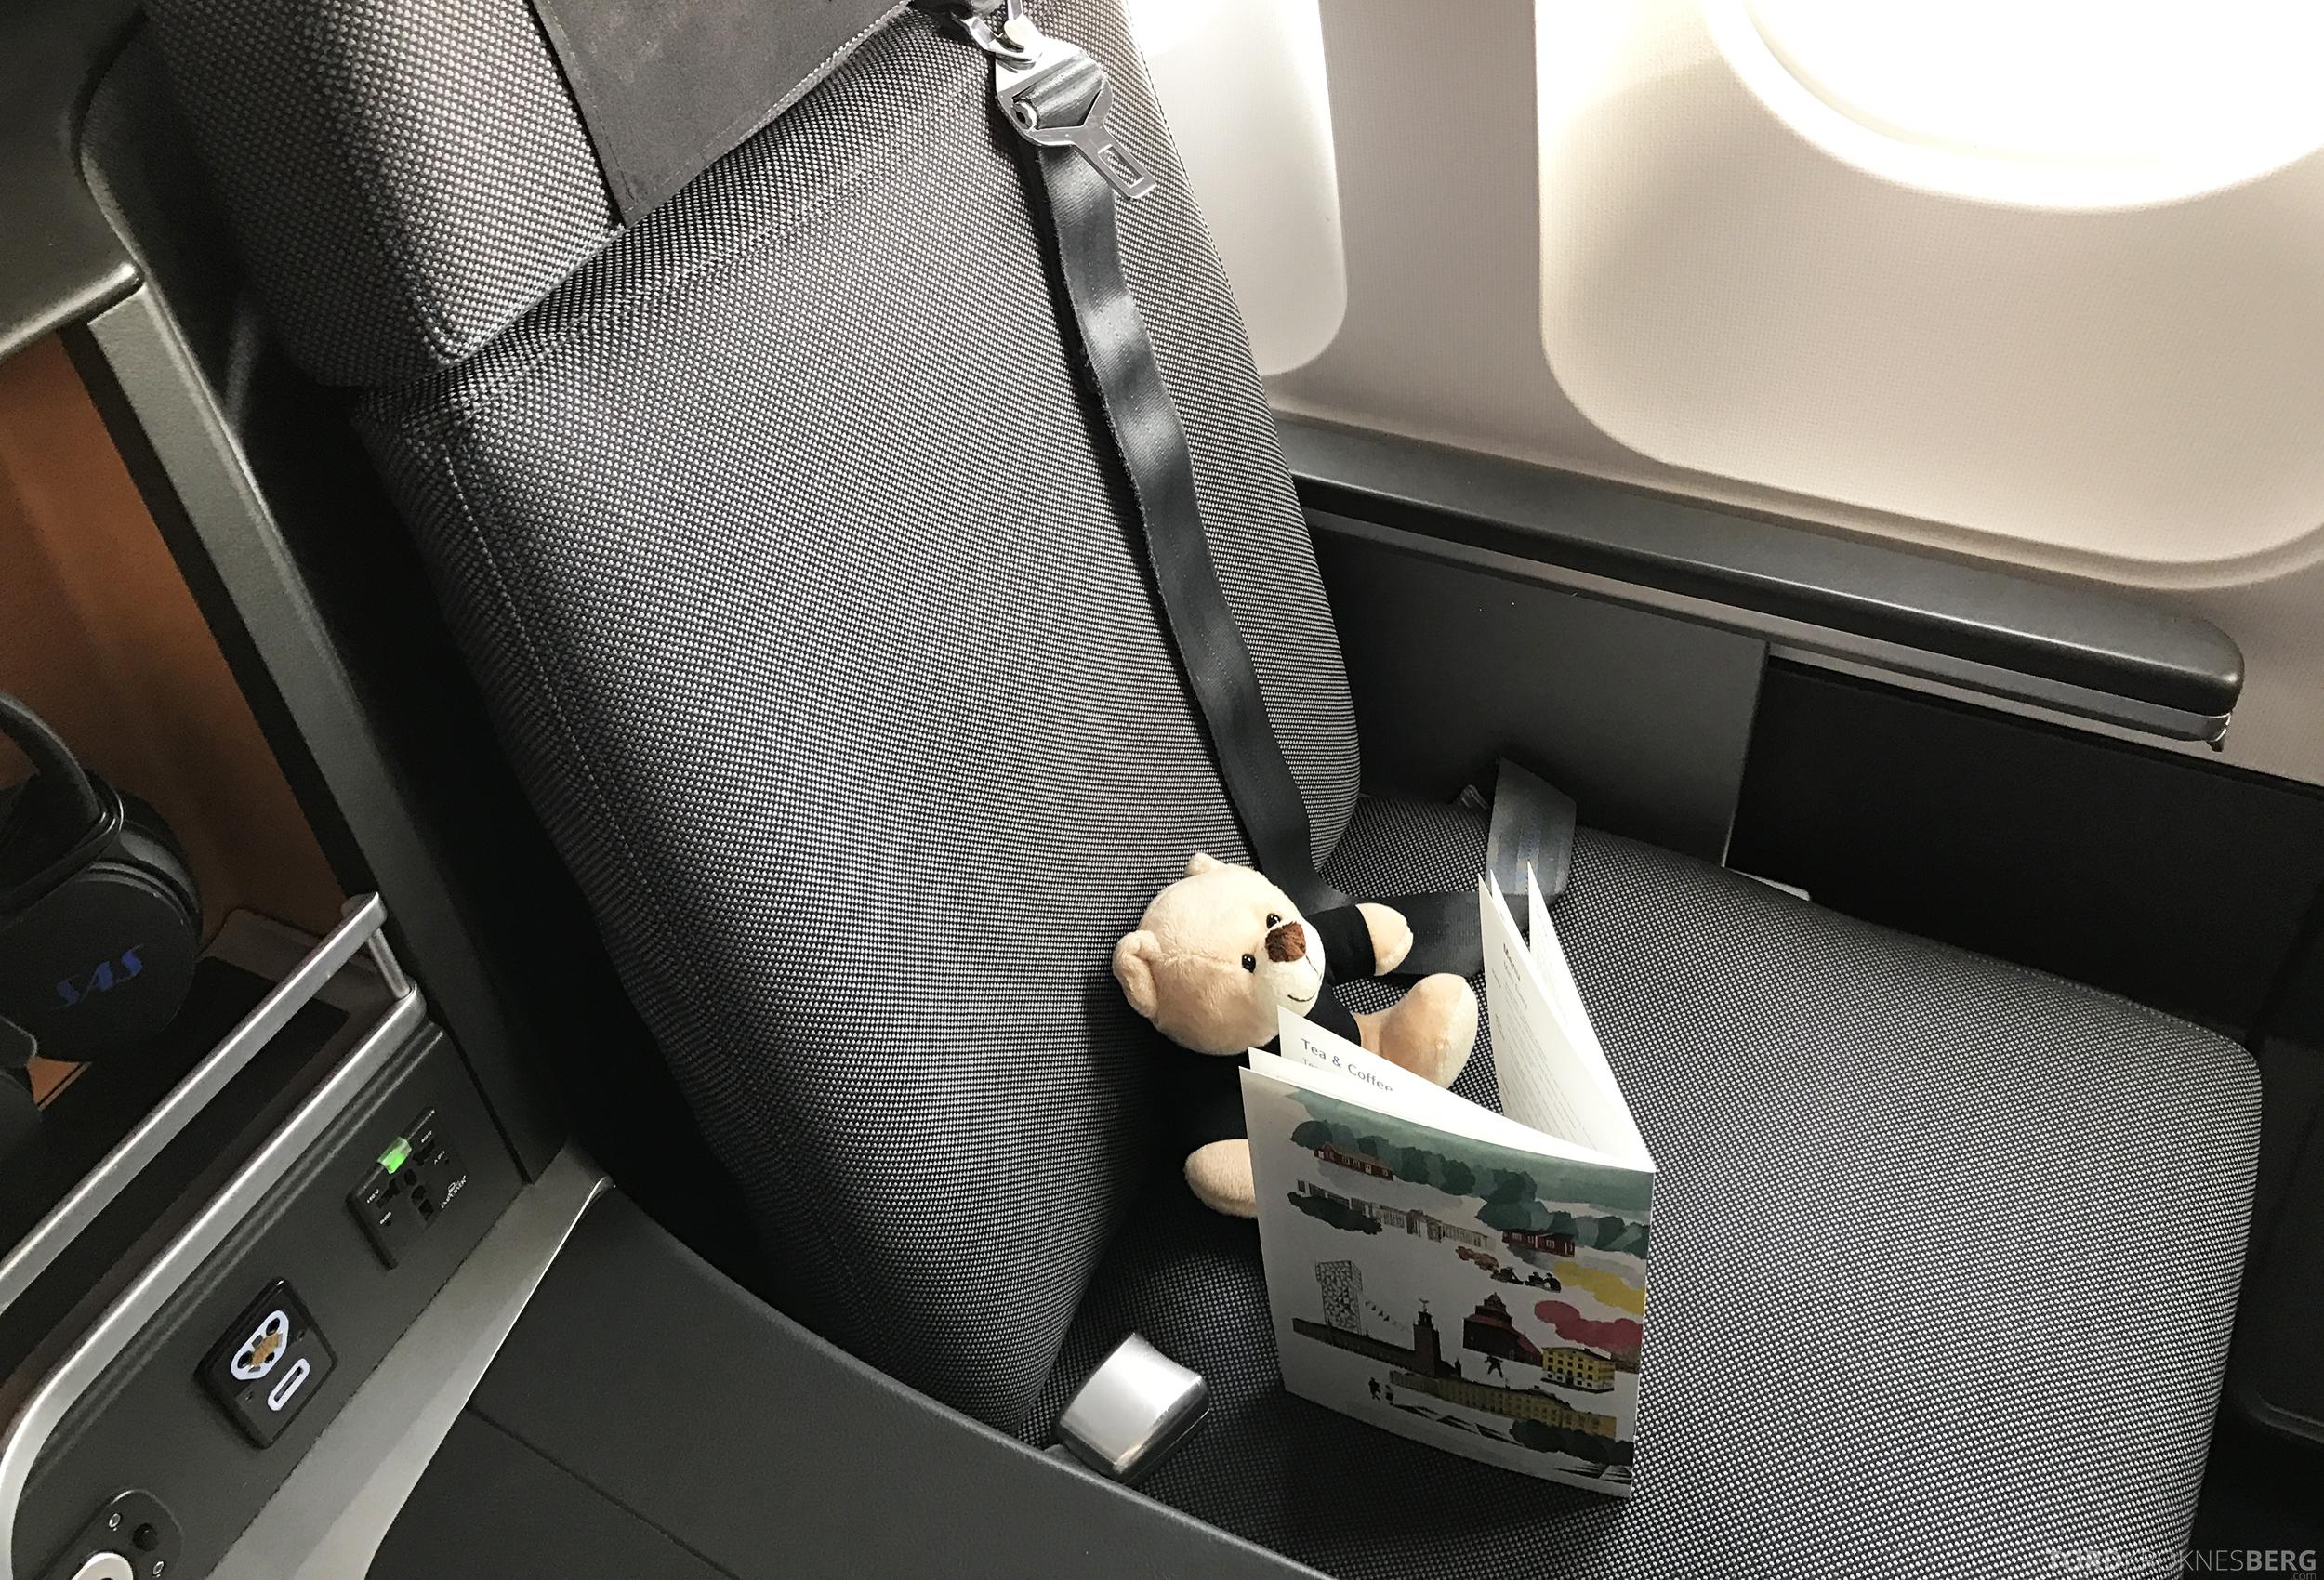 SAS Business Oslo til Miami reisefølget sete